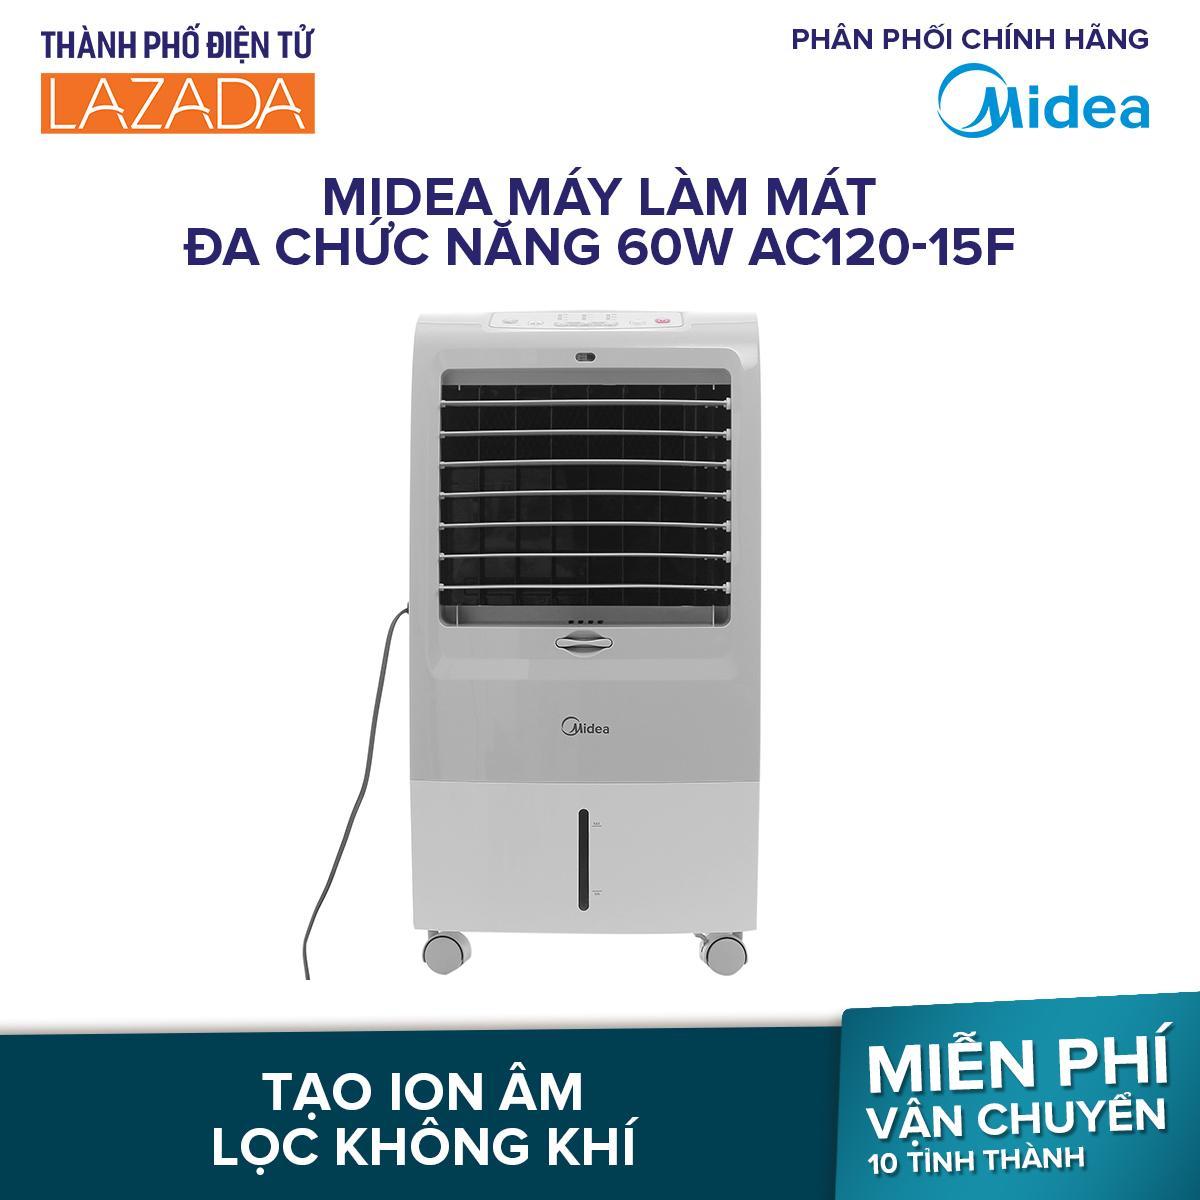 Bảng giá Midea máy làm mát đa chức năng 60W AC120-15F